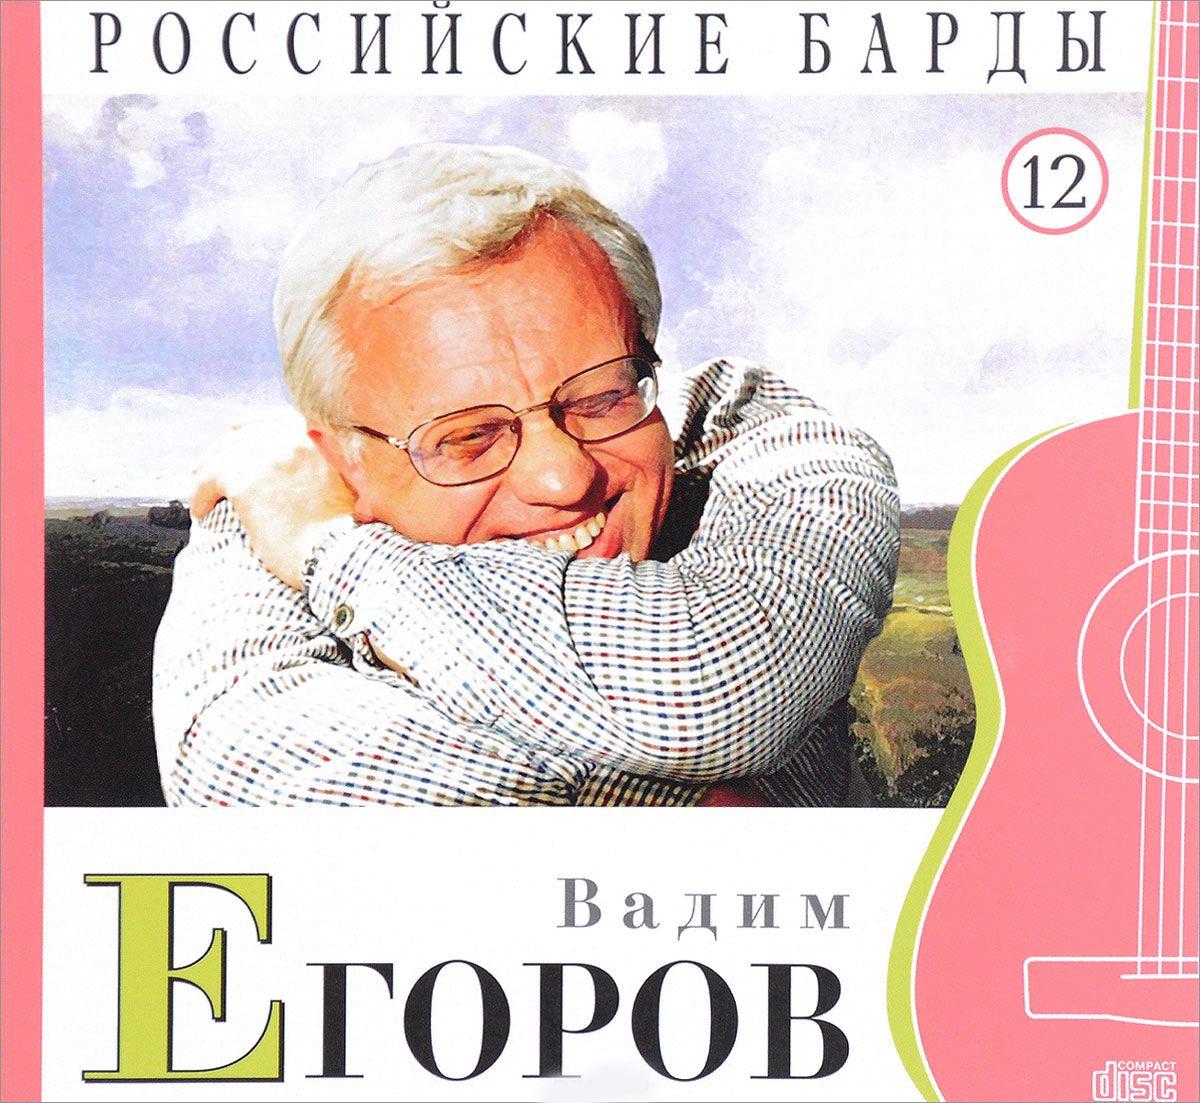 CD-bookРоссийские барды, Ия Саввина, комплект 8 шт О музыке, которую никак не назовешь...